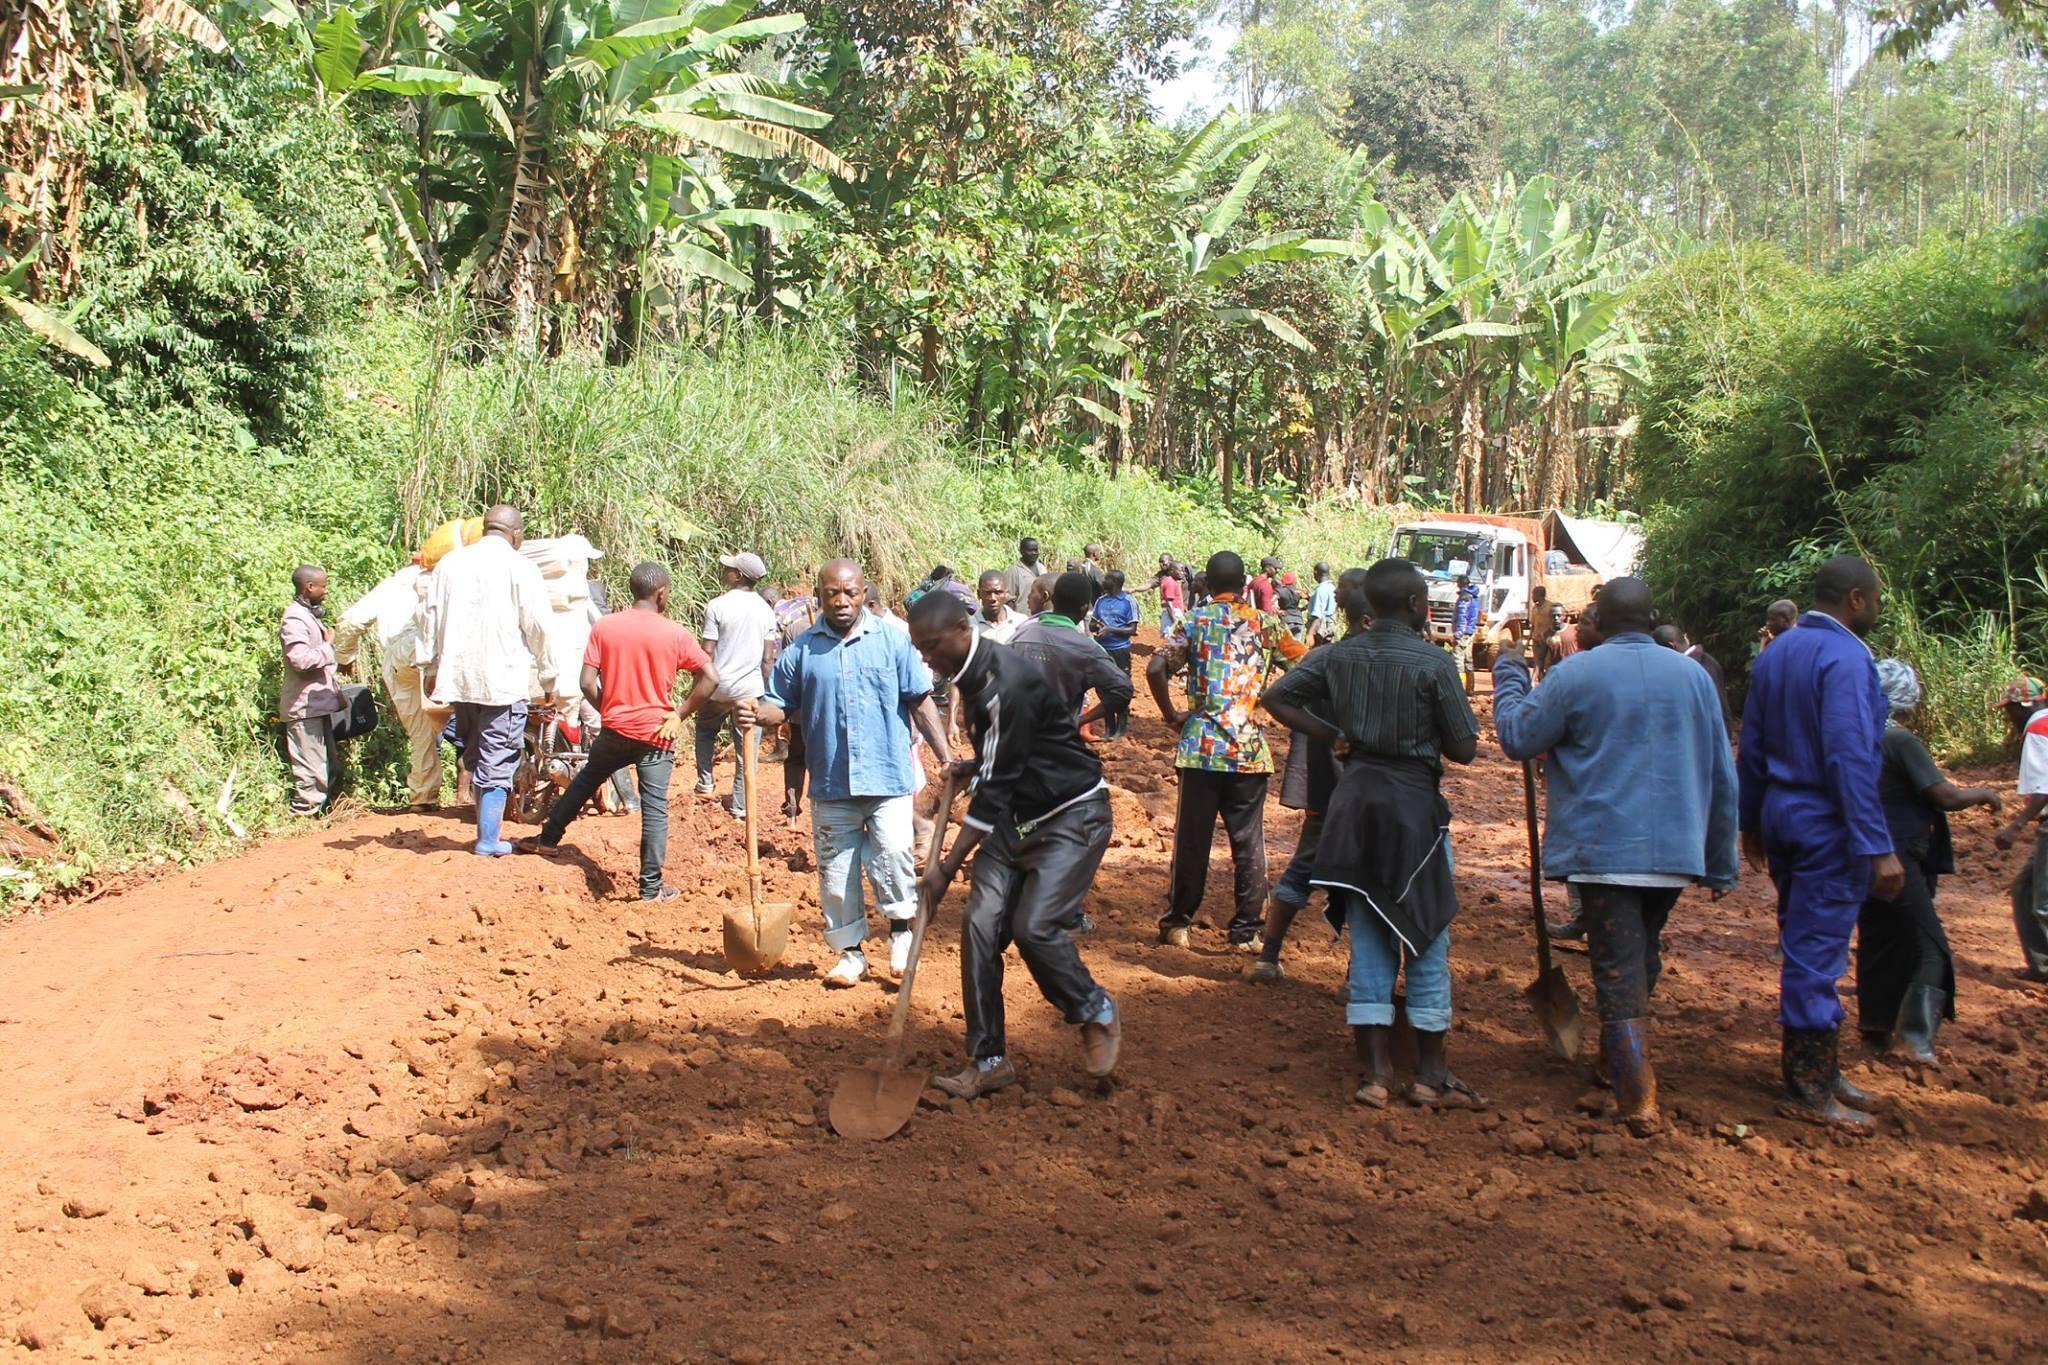 Des habitants de Butembo répandent des pierres et du sable pour rendre la route praticable. Photo : Nguru Wasingya Anselme